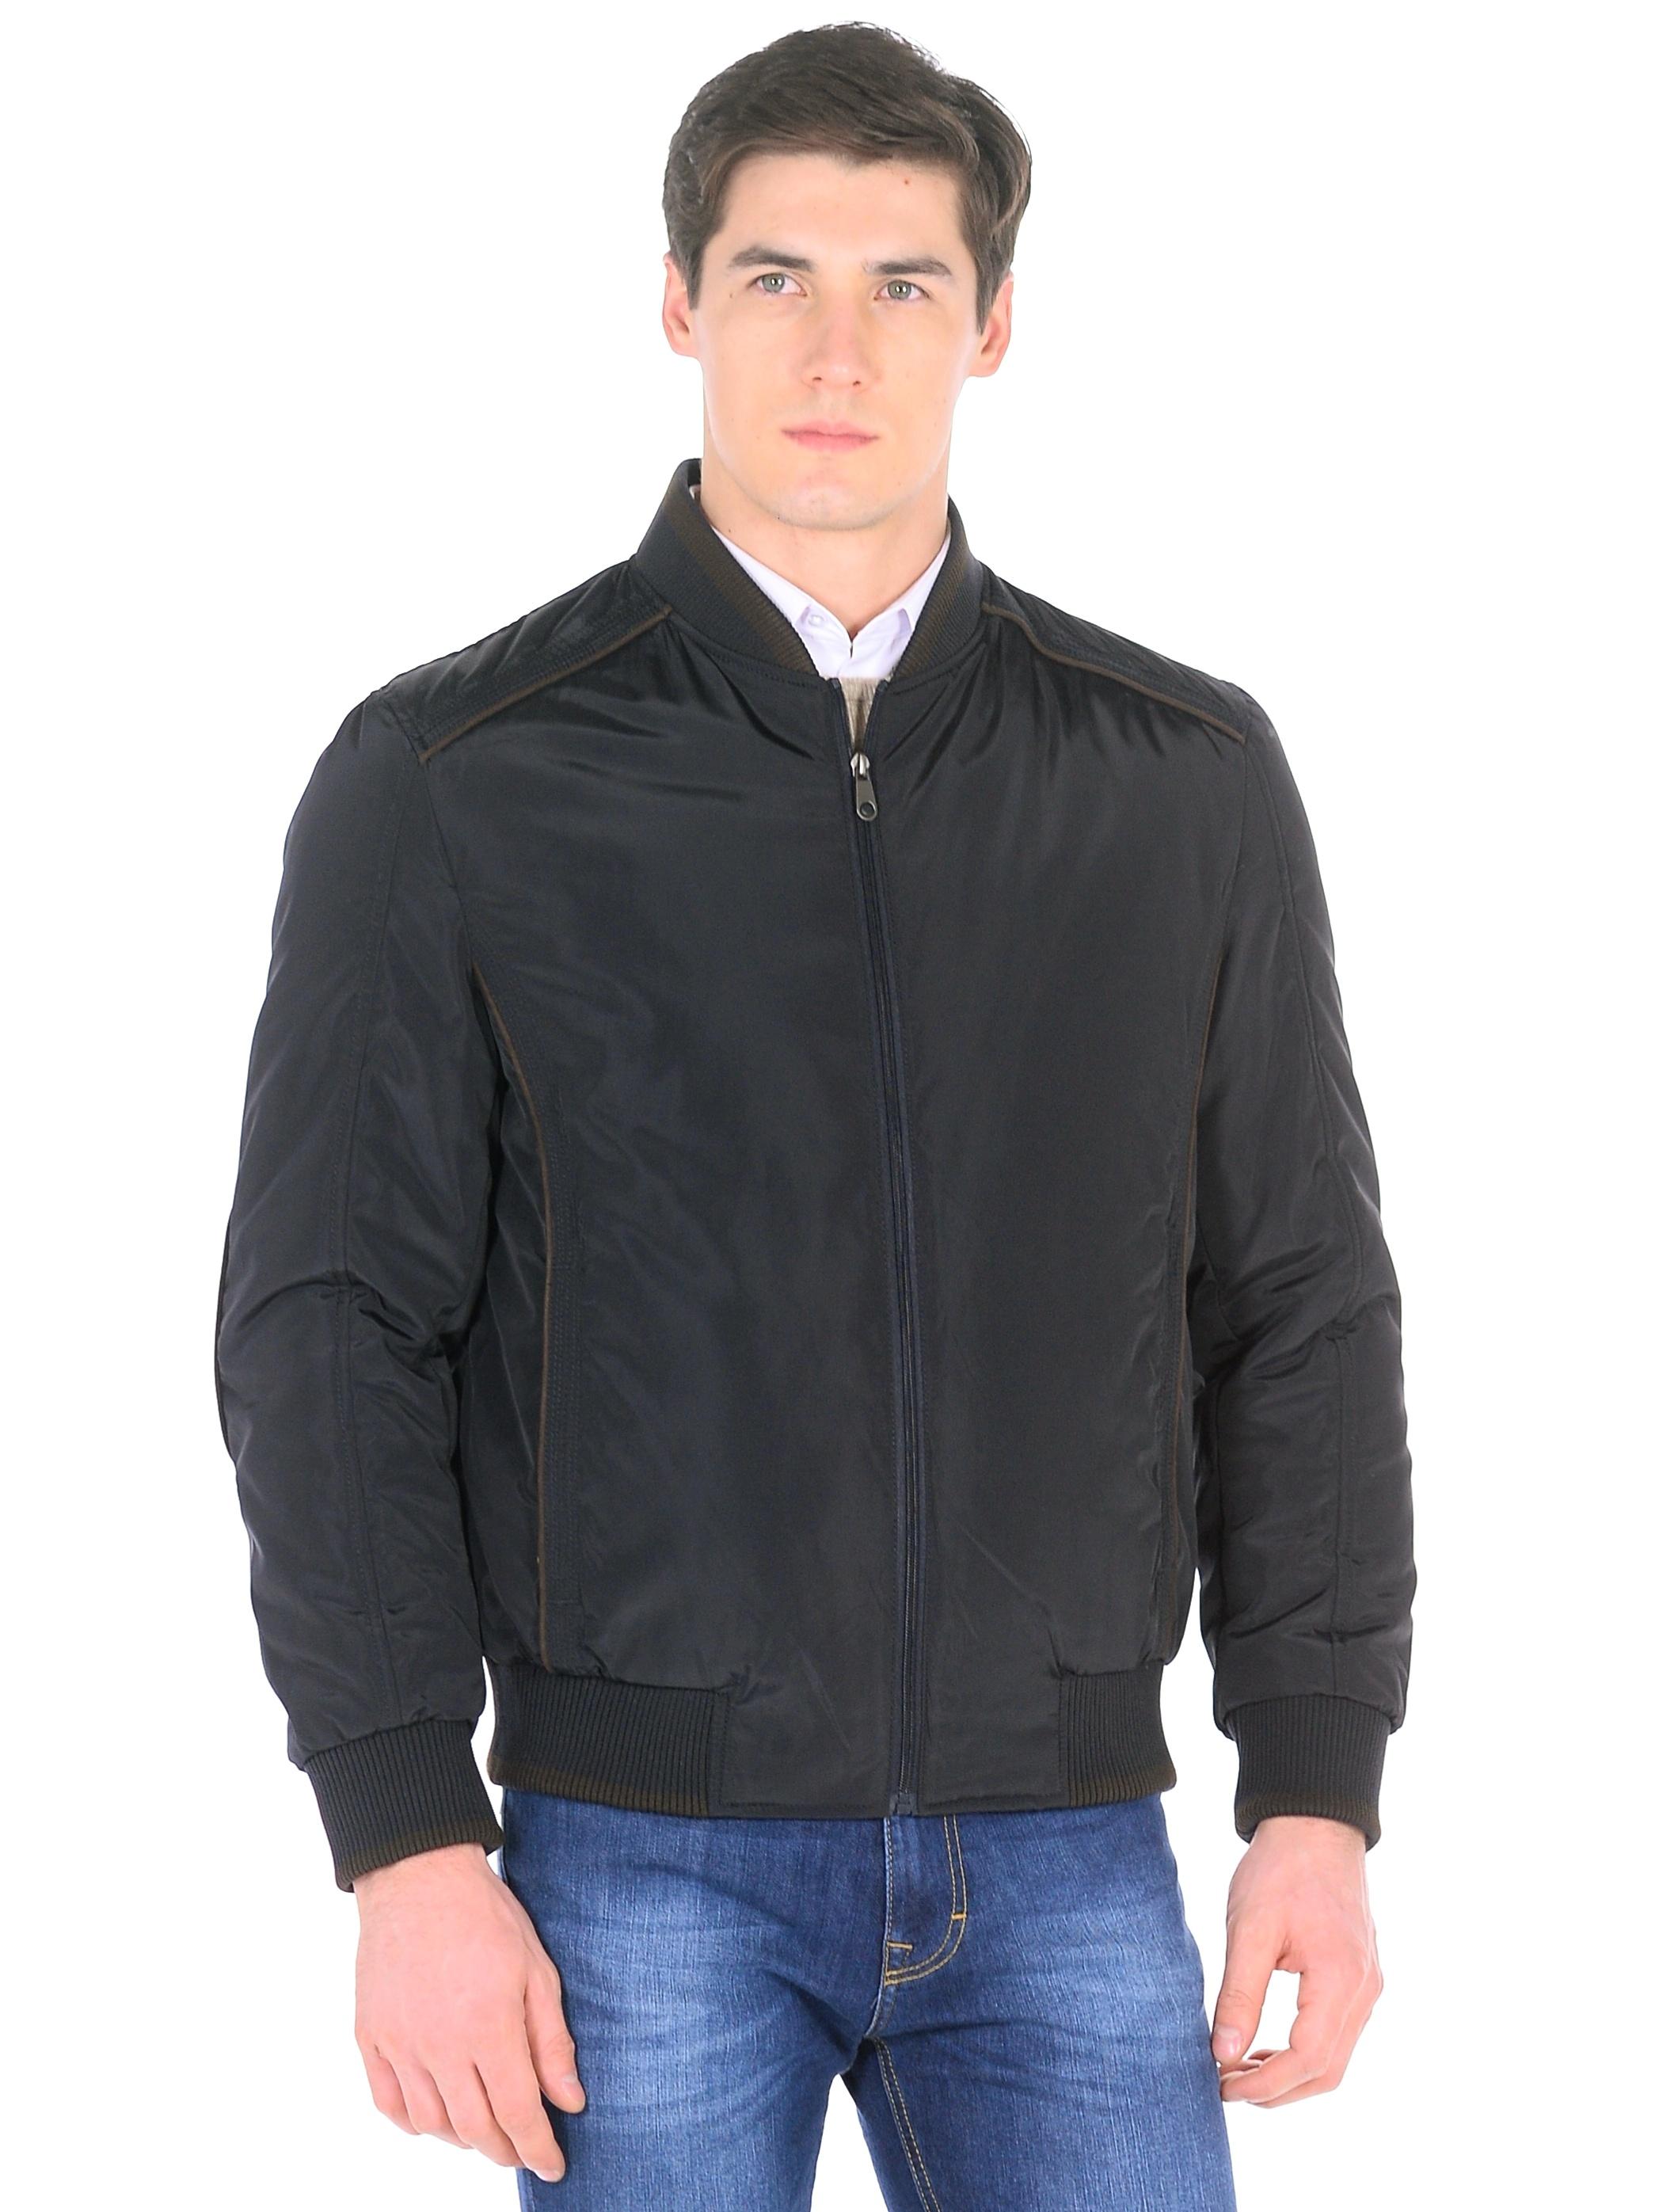 Мужская куртка из текстиля с воротником, без отделки<br><br>Воротник: стойка<br>Длина см: Короткая (51-74 )<br>Материал: Текстиль<br>Цвет: синий<br>Вид застежки: центральная<br>Застежка: на молнии<br>Пол: Мужской<br>Размер RU: 56